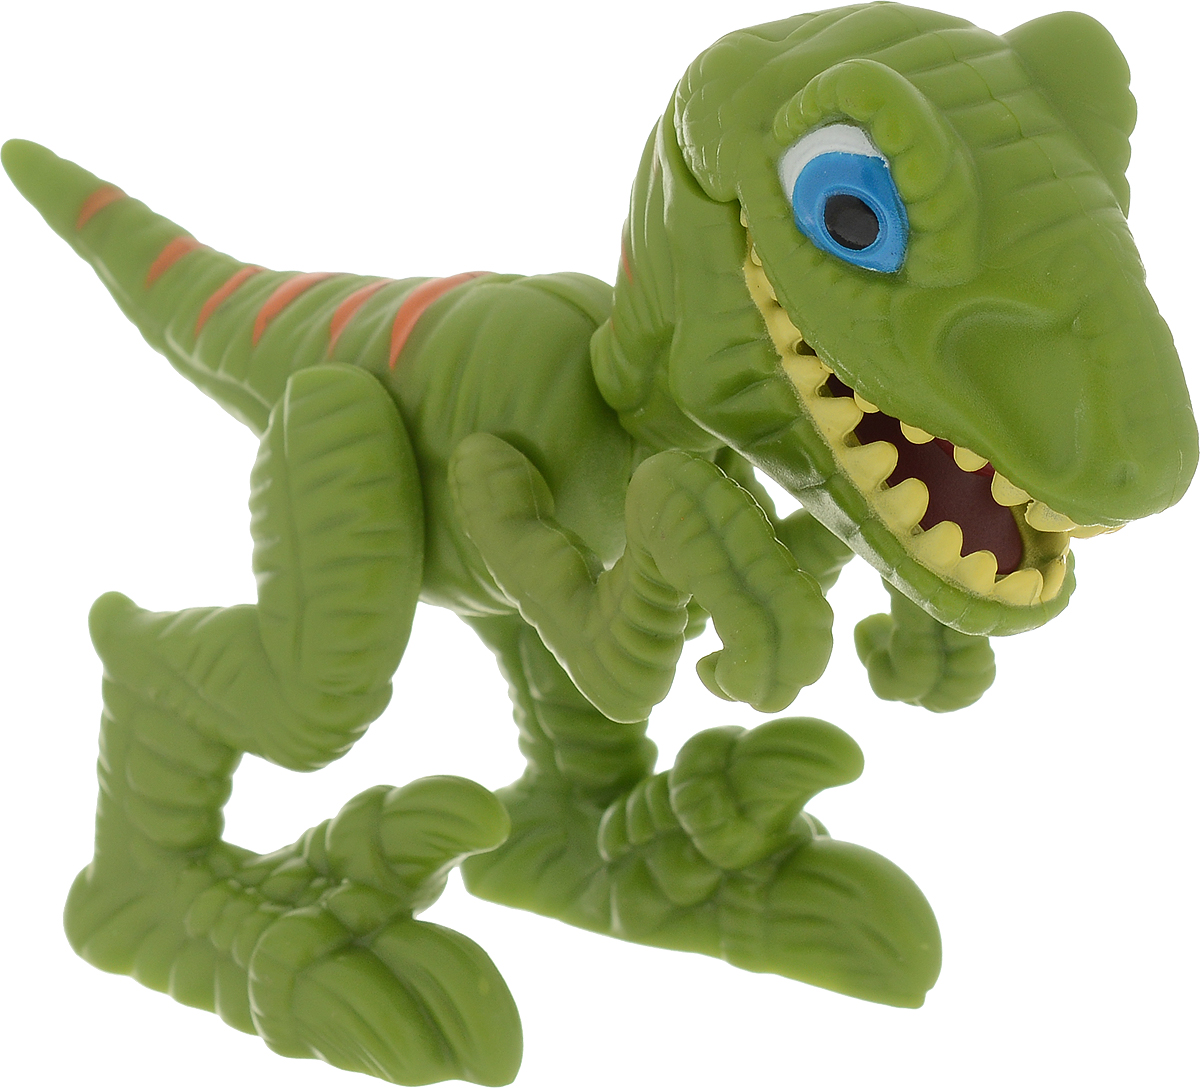 Junior Megasaur Фигурка Динозавр цвет зеленый 16916 фигурки игрушки junior megasaur игрушка junior megasaur собери динозавра